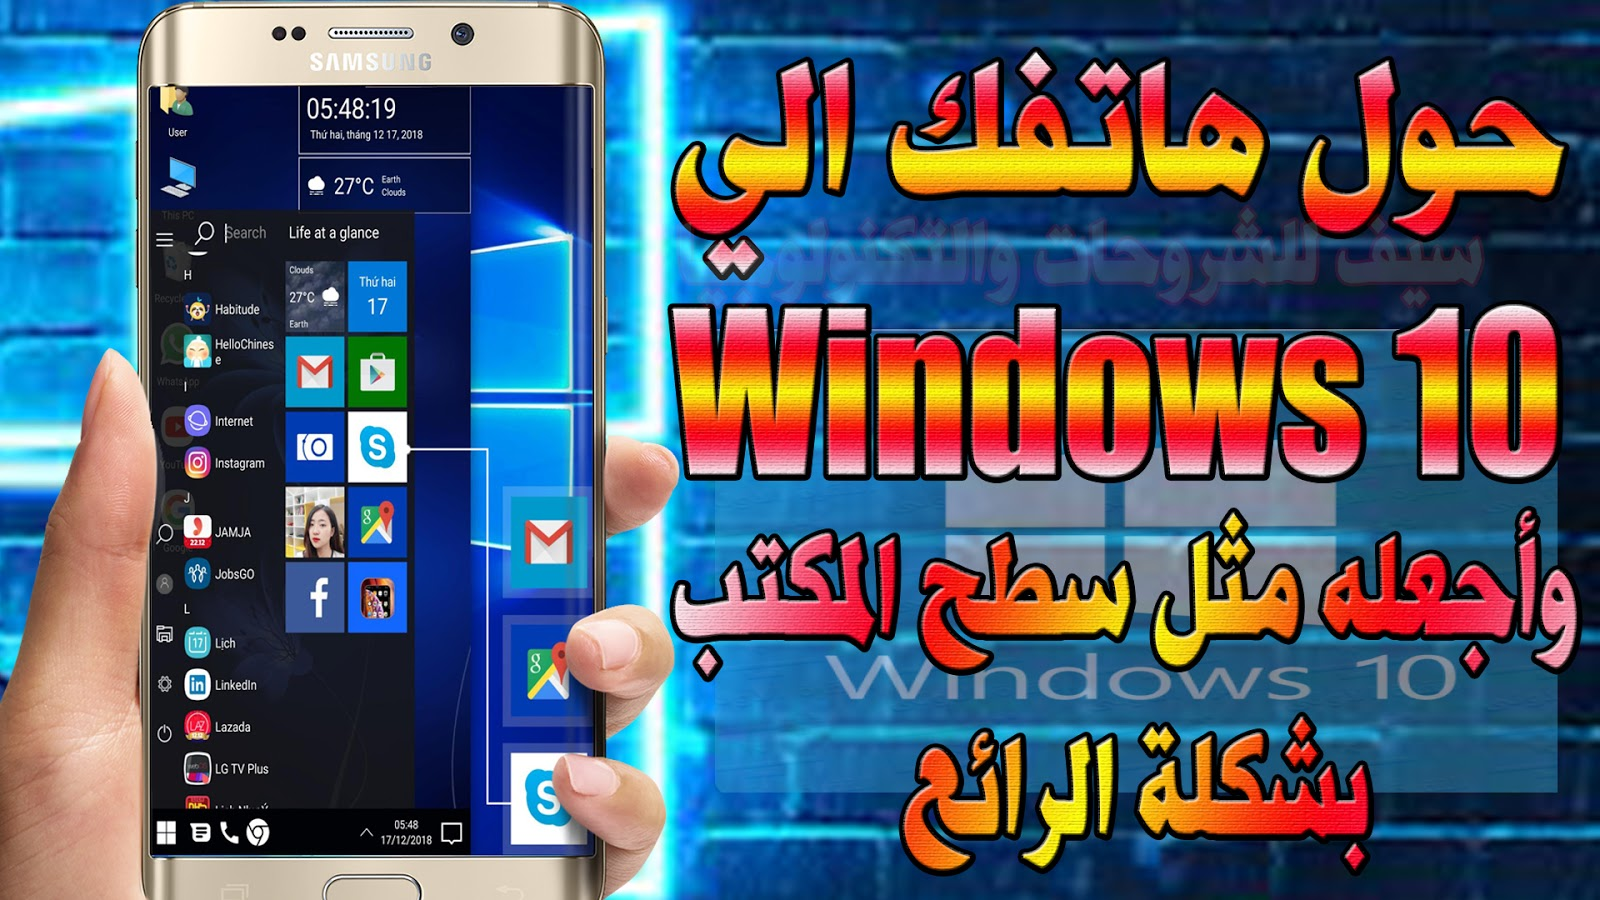 حول هاتفك الي windows 10 الرائع مع تطبيق Computer Launcher واجعله مثل سطح المكتب